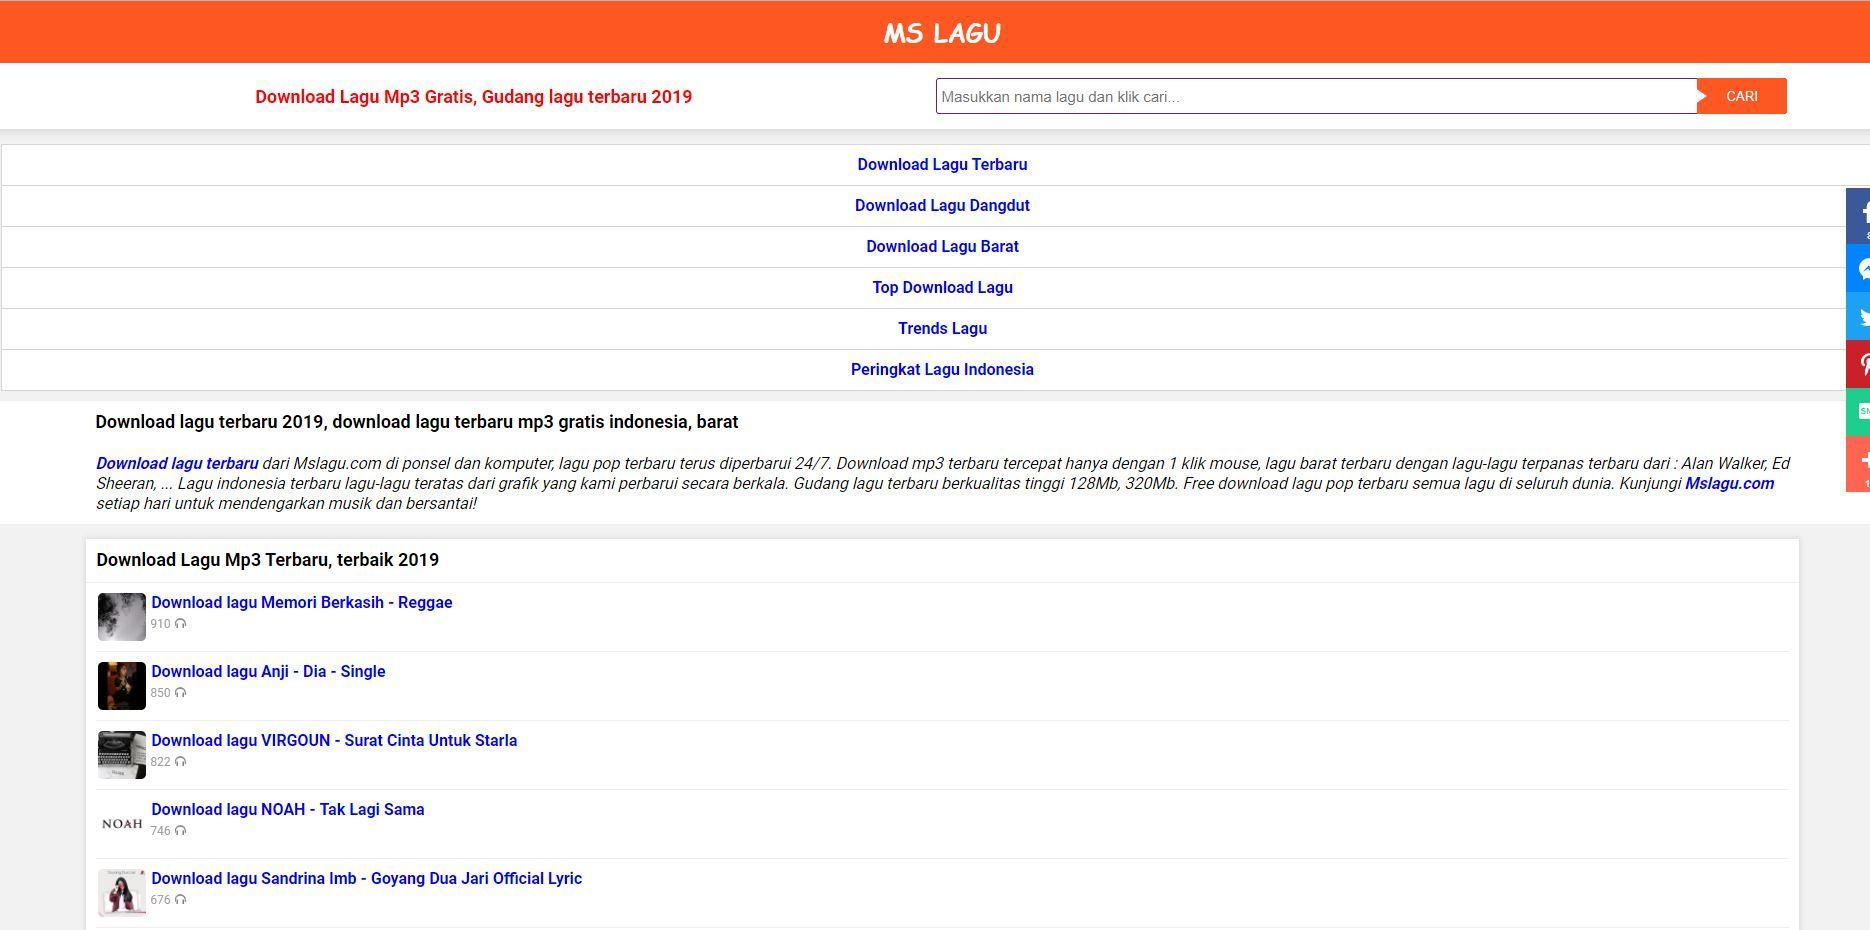 Situs Download Lagu Mslagu Com Tercepat Dan Gratis Di Ponsel Lagu